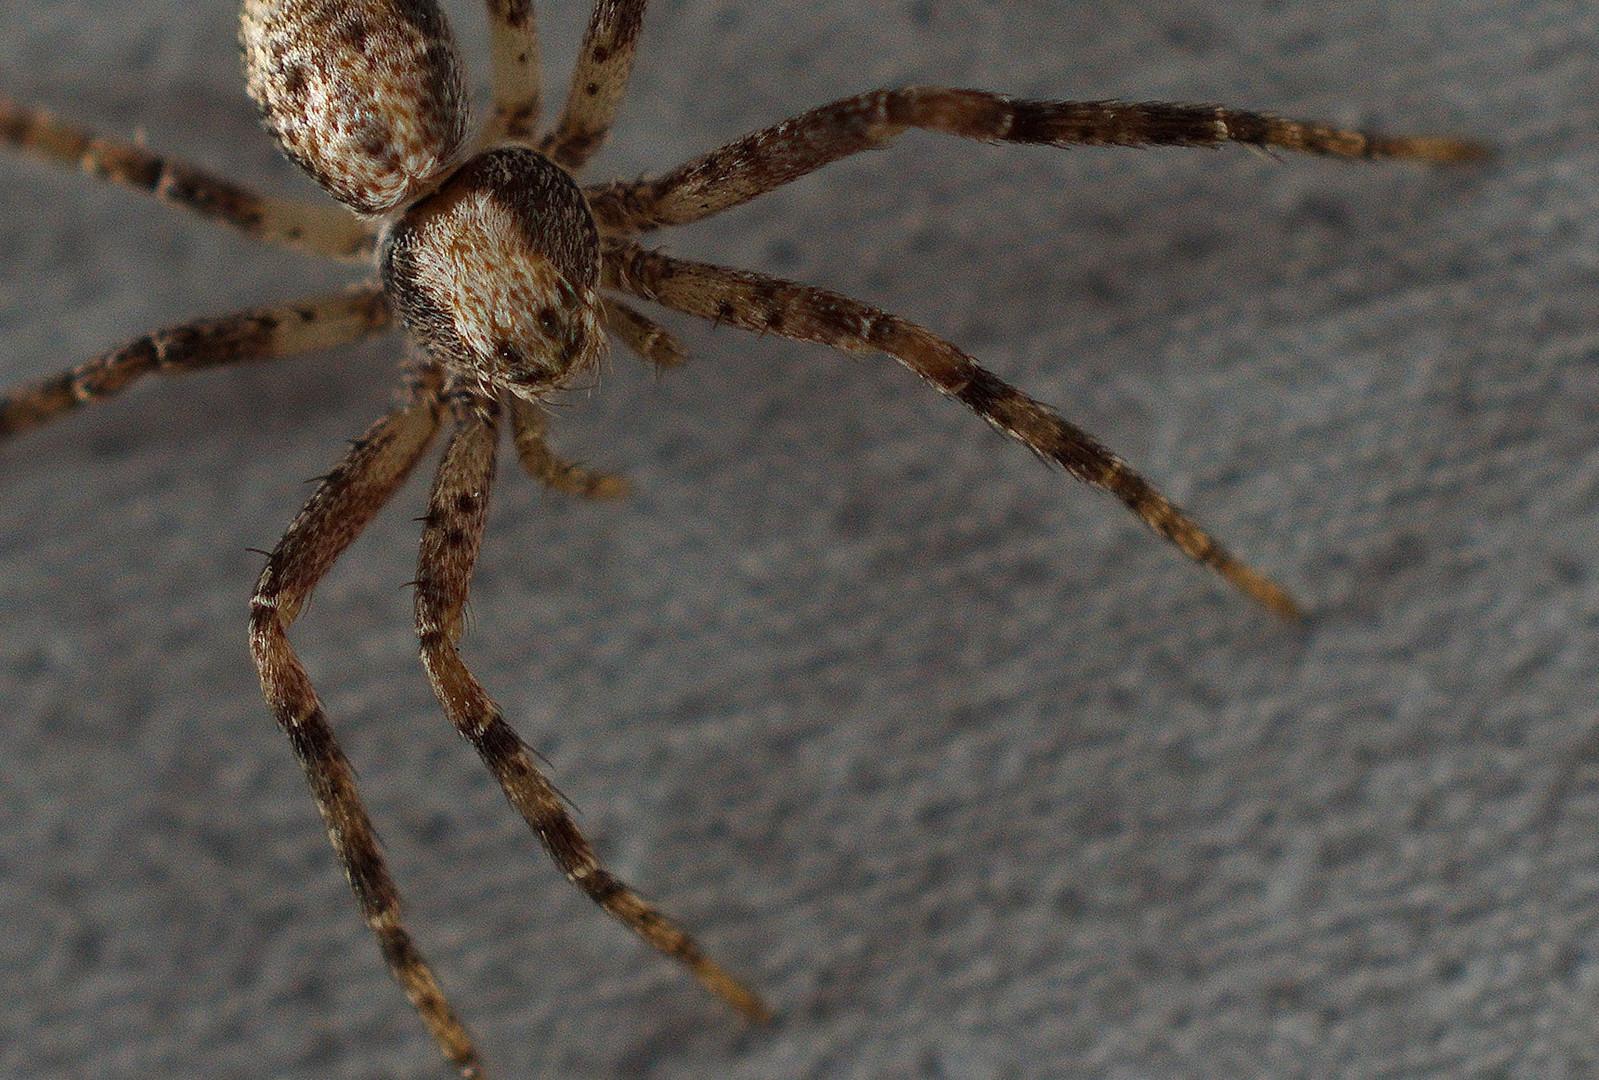 Kleiner Spider I